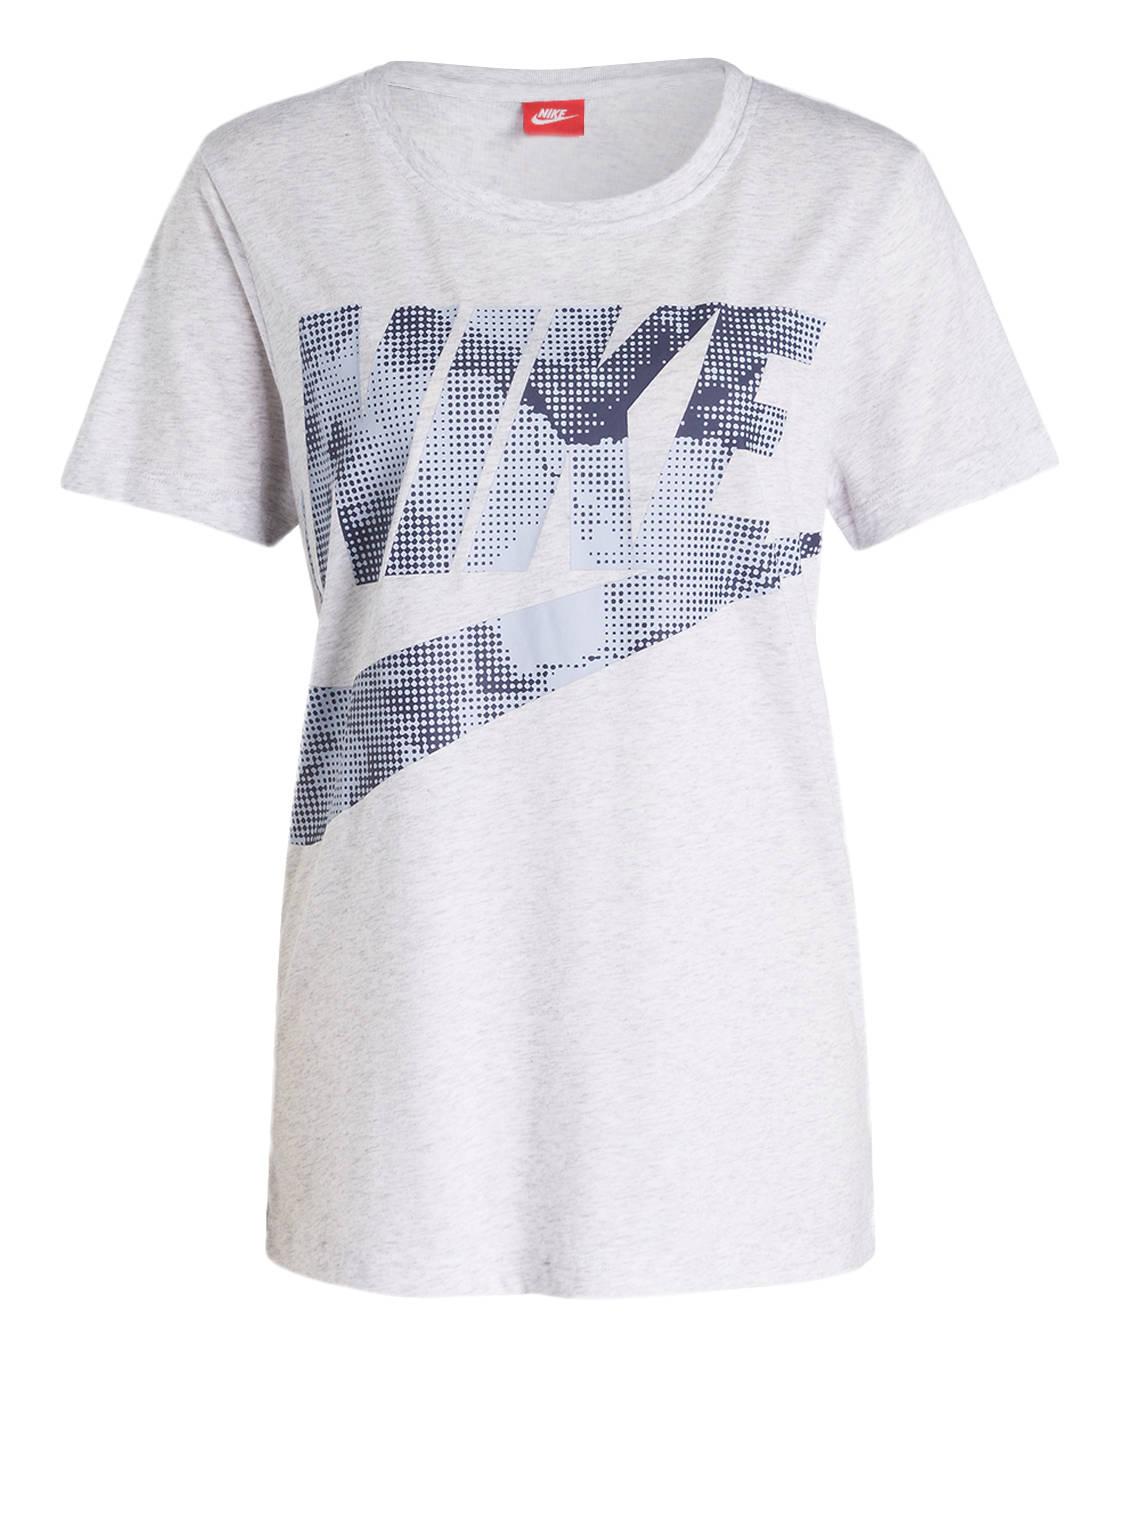 Artikel klicken und genauer betrachten! - Erweitern Sie Ihre sportive Garderobe mit dem leichten T-Shirt GLACIER von Nike! Das Modell für Damen kommt in weichem Baumwollgemisch her und sorgt dank lässigem Schnitt für einen ausgezeichneten Tragekomfort und eine optimale Passform. Kombinieren Sie mit passender Sweatpants für gelungene Sporty-Looks! Details: Gerader Schnitt. Rundhalsausschnitt. Großflächiger Label-Print auf der Front. Maße bei Größe S: Rückenlänge ab Schulter: 67 cm.   im Online Shop kaufen